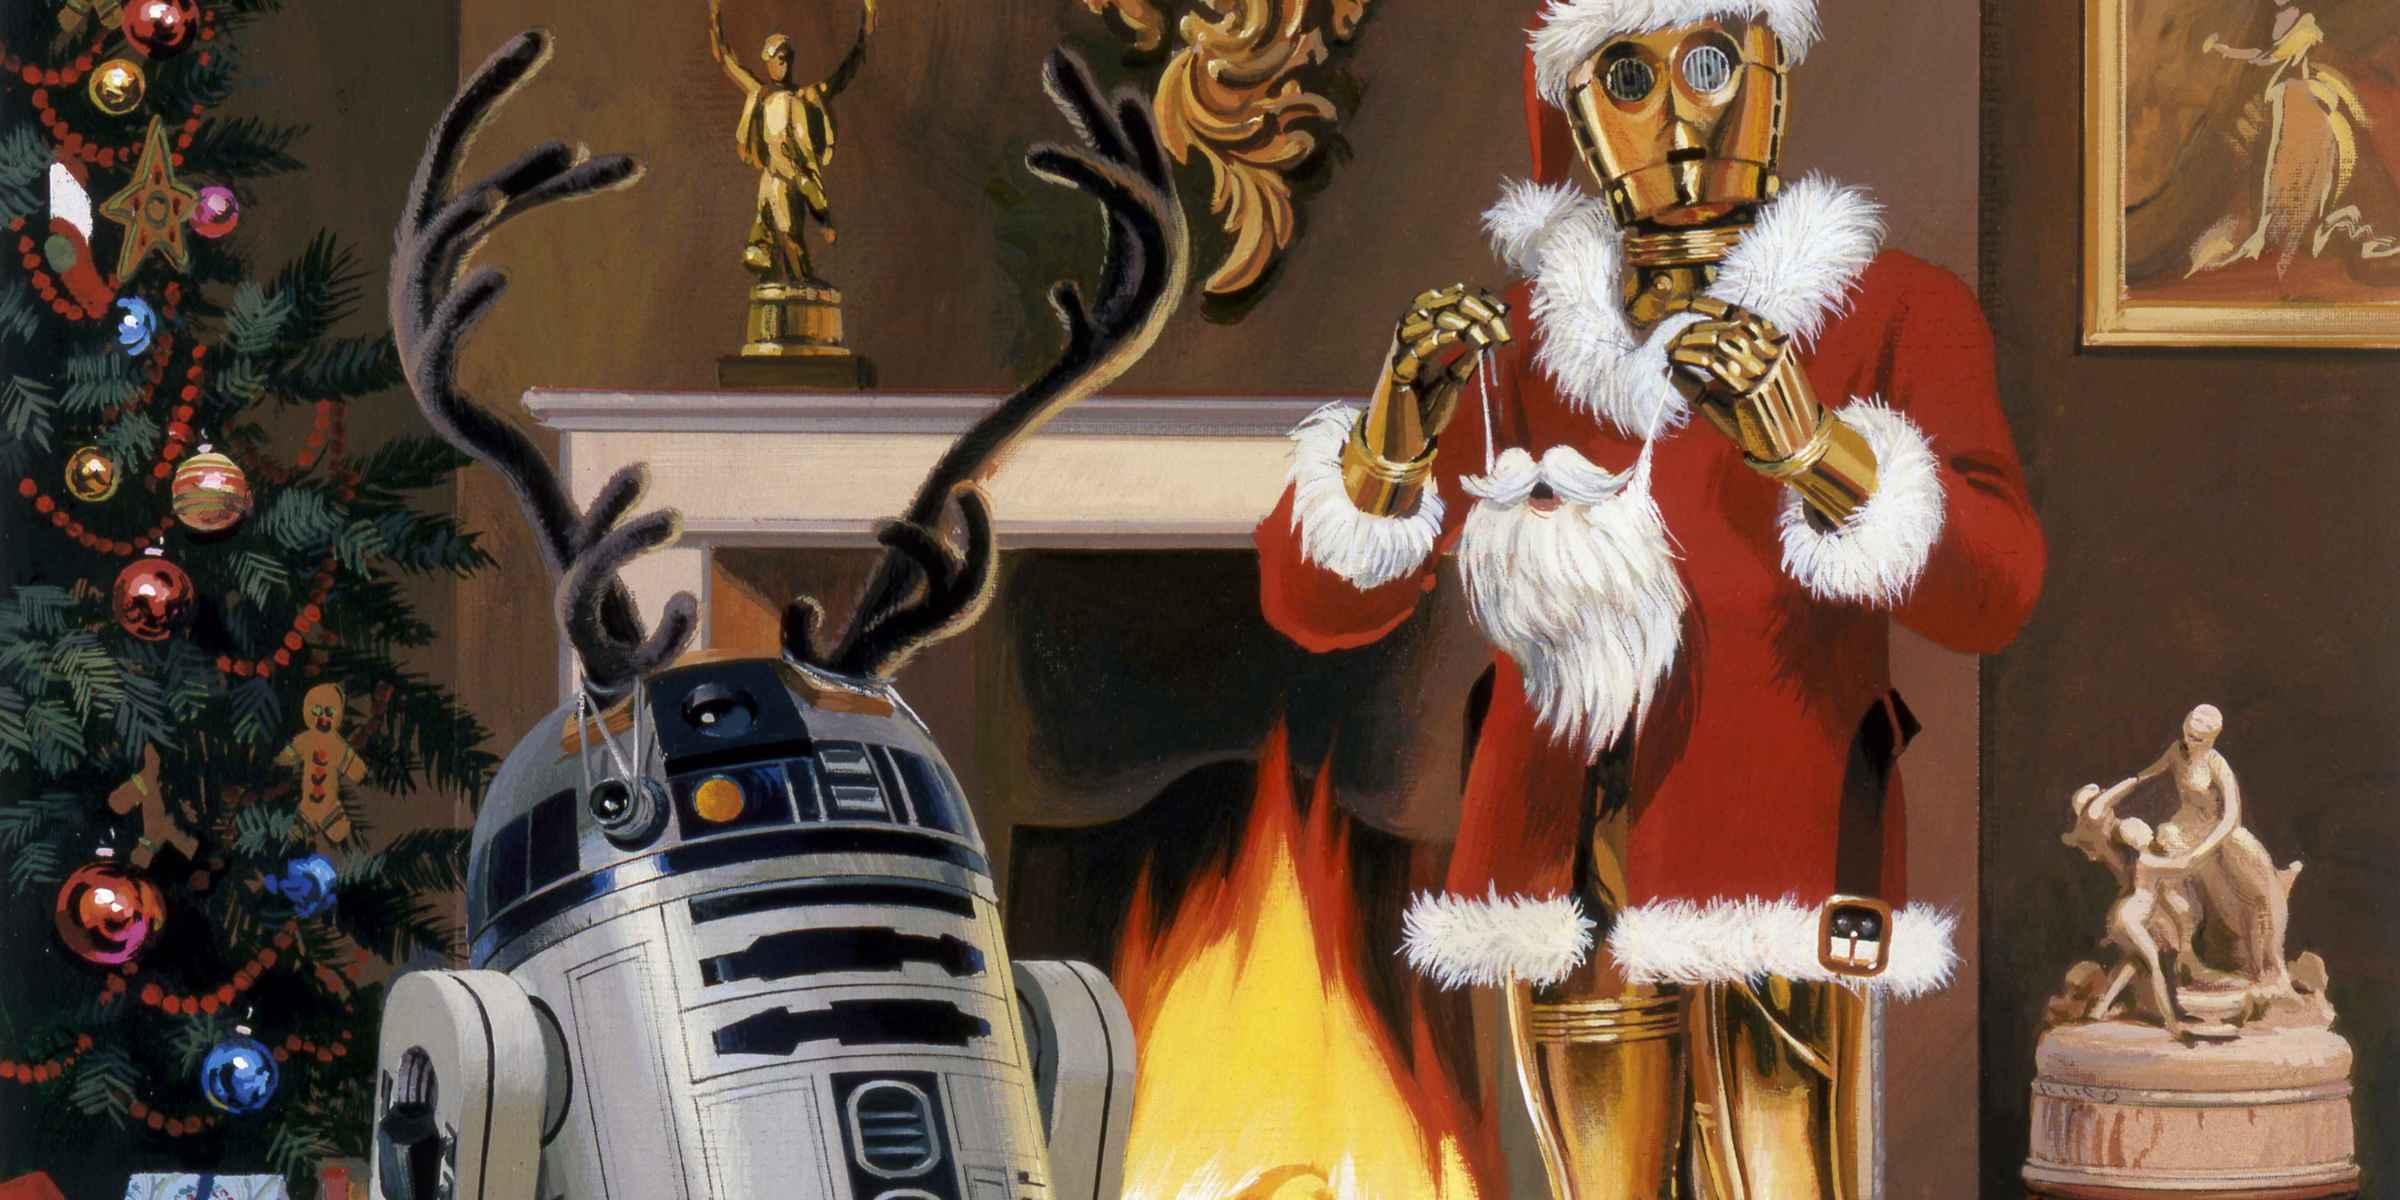 sw christmas - Merry Christmas Star Wars